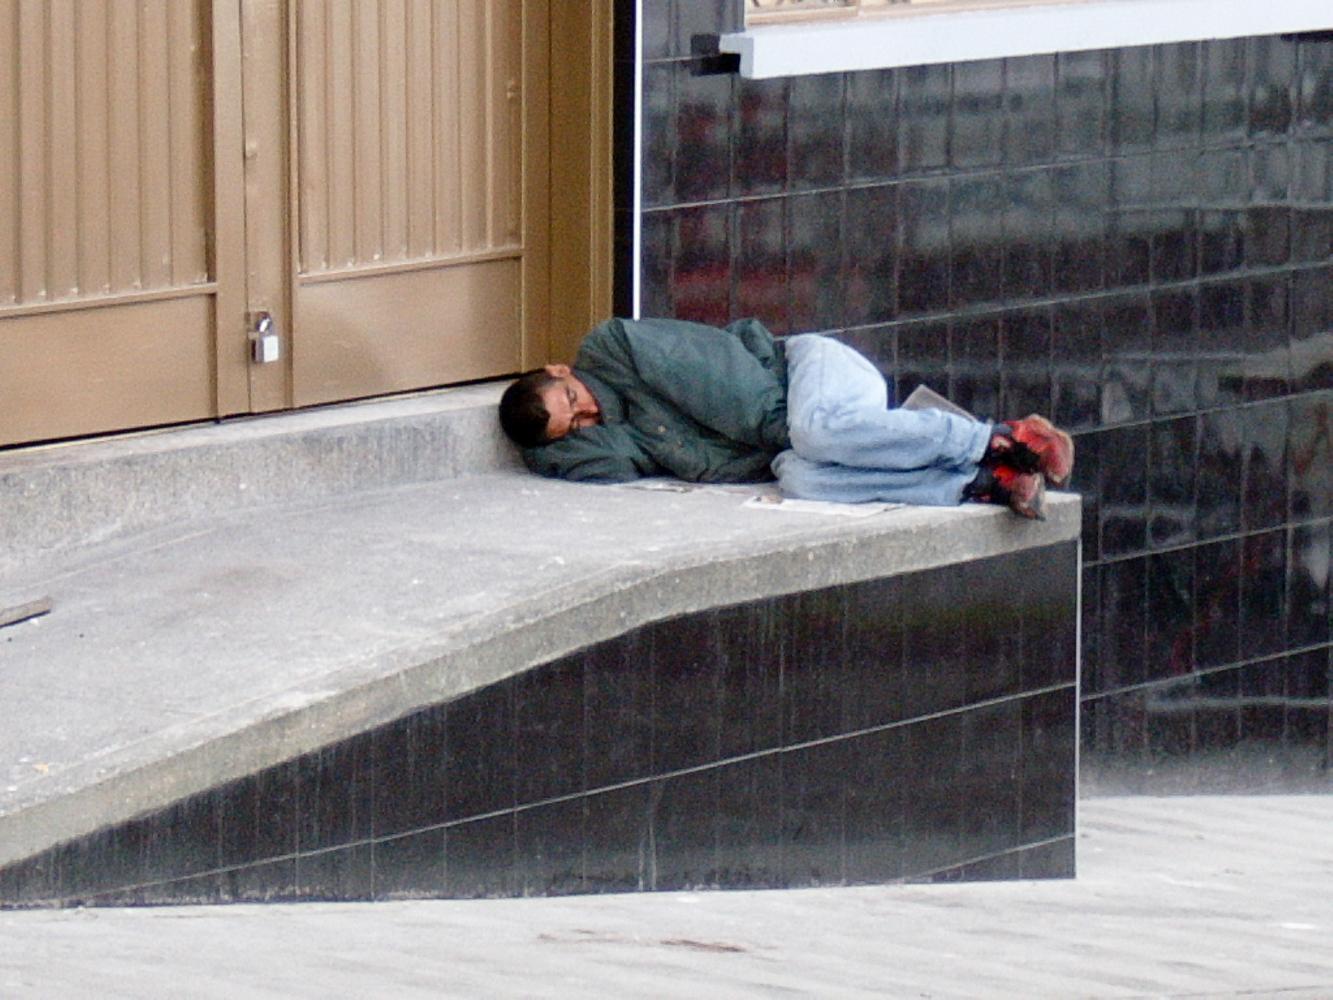 La frialdad de las personas. Él está solo, muy triste y abandonado. Yo a veces me siento como él.